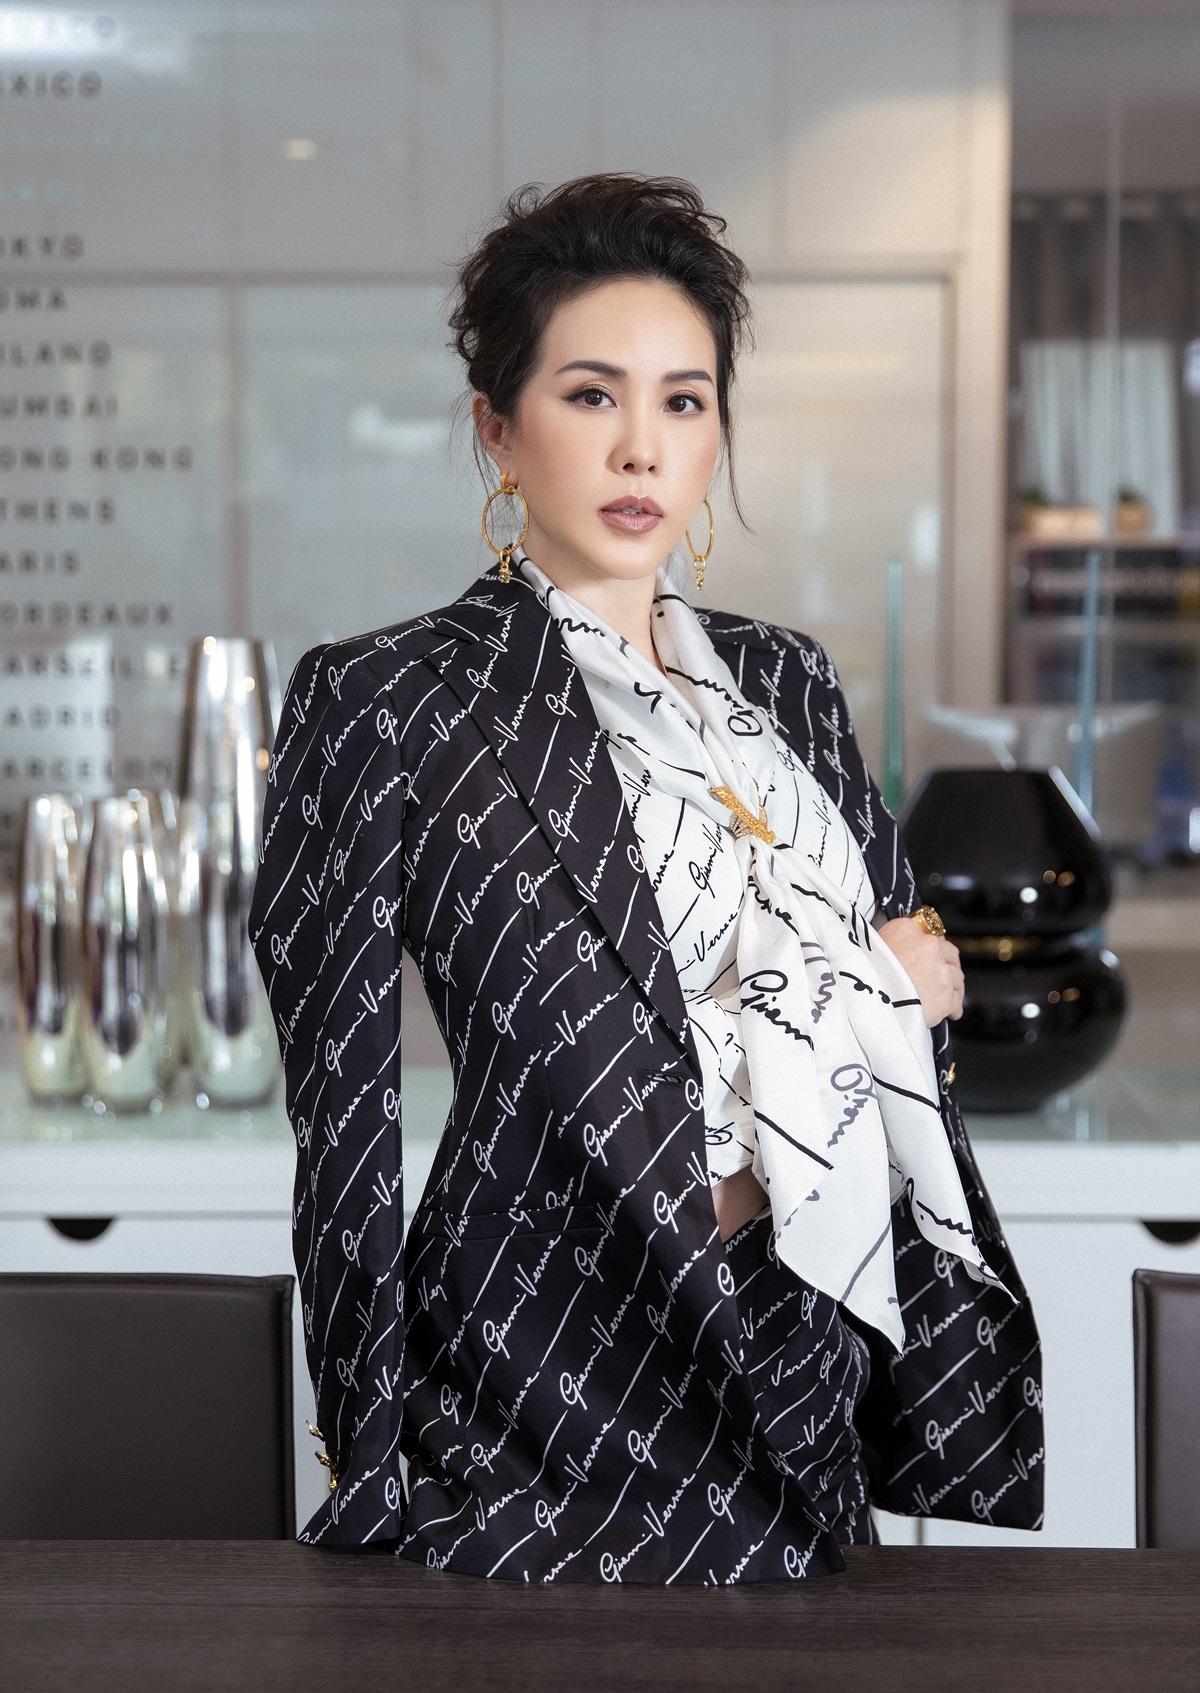 Hoa hậu Thu Hoài triển khai nhiều gói làm đẹp giá tiết kiệm, ủng hộ các cô dâu trong ngày trọng đại. Ảnh: Khơ Thị.